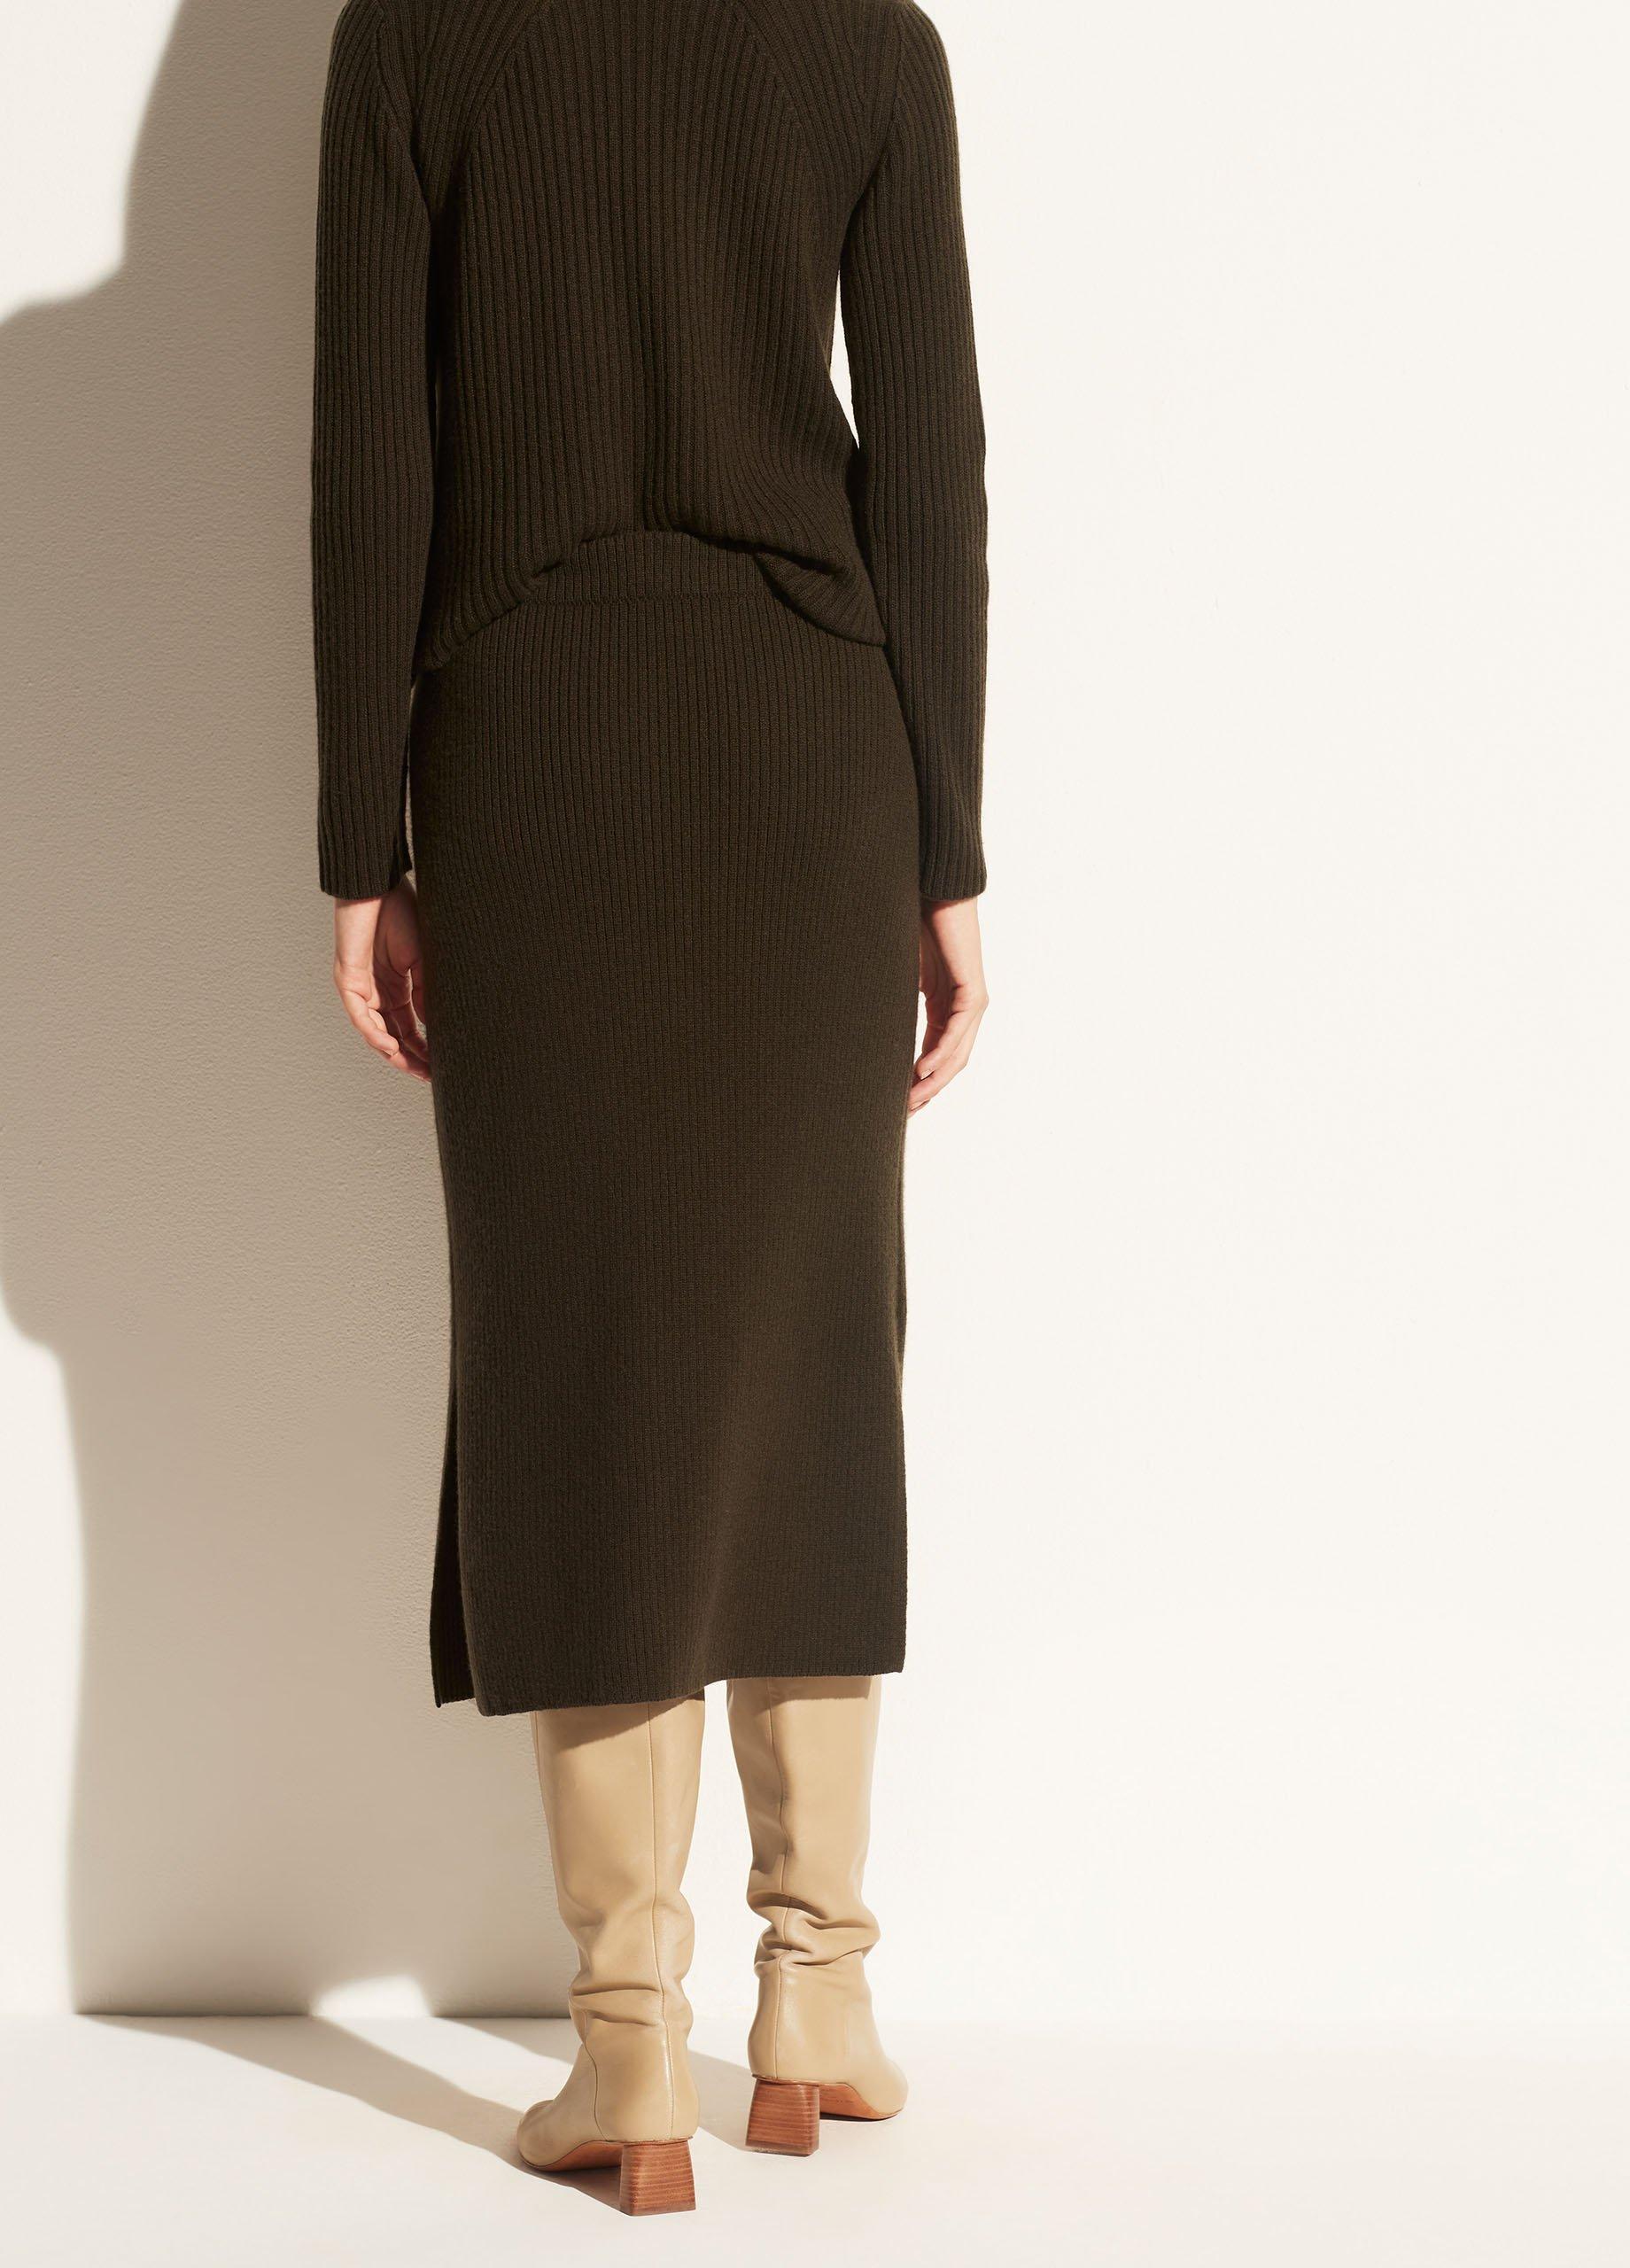 Ribbed Skirt